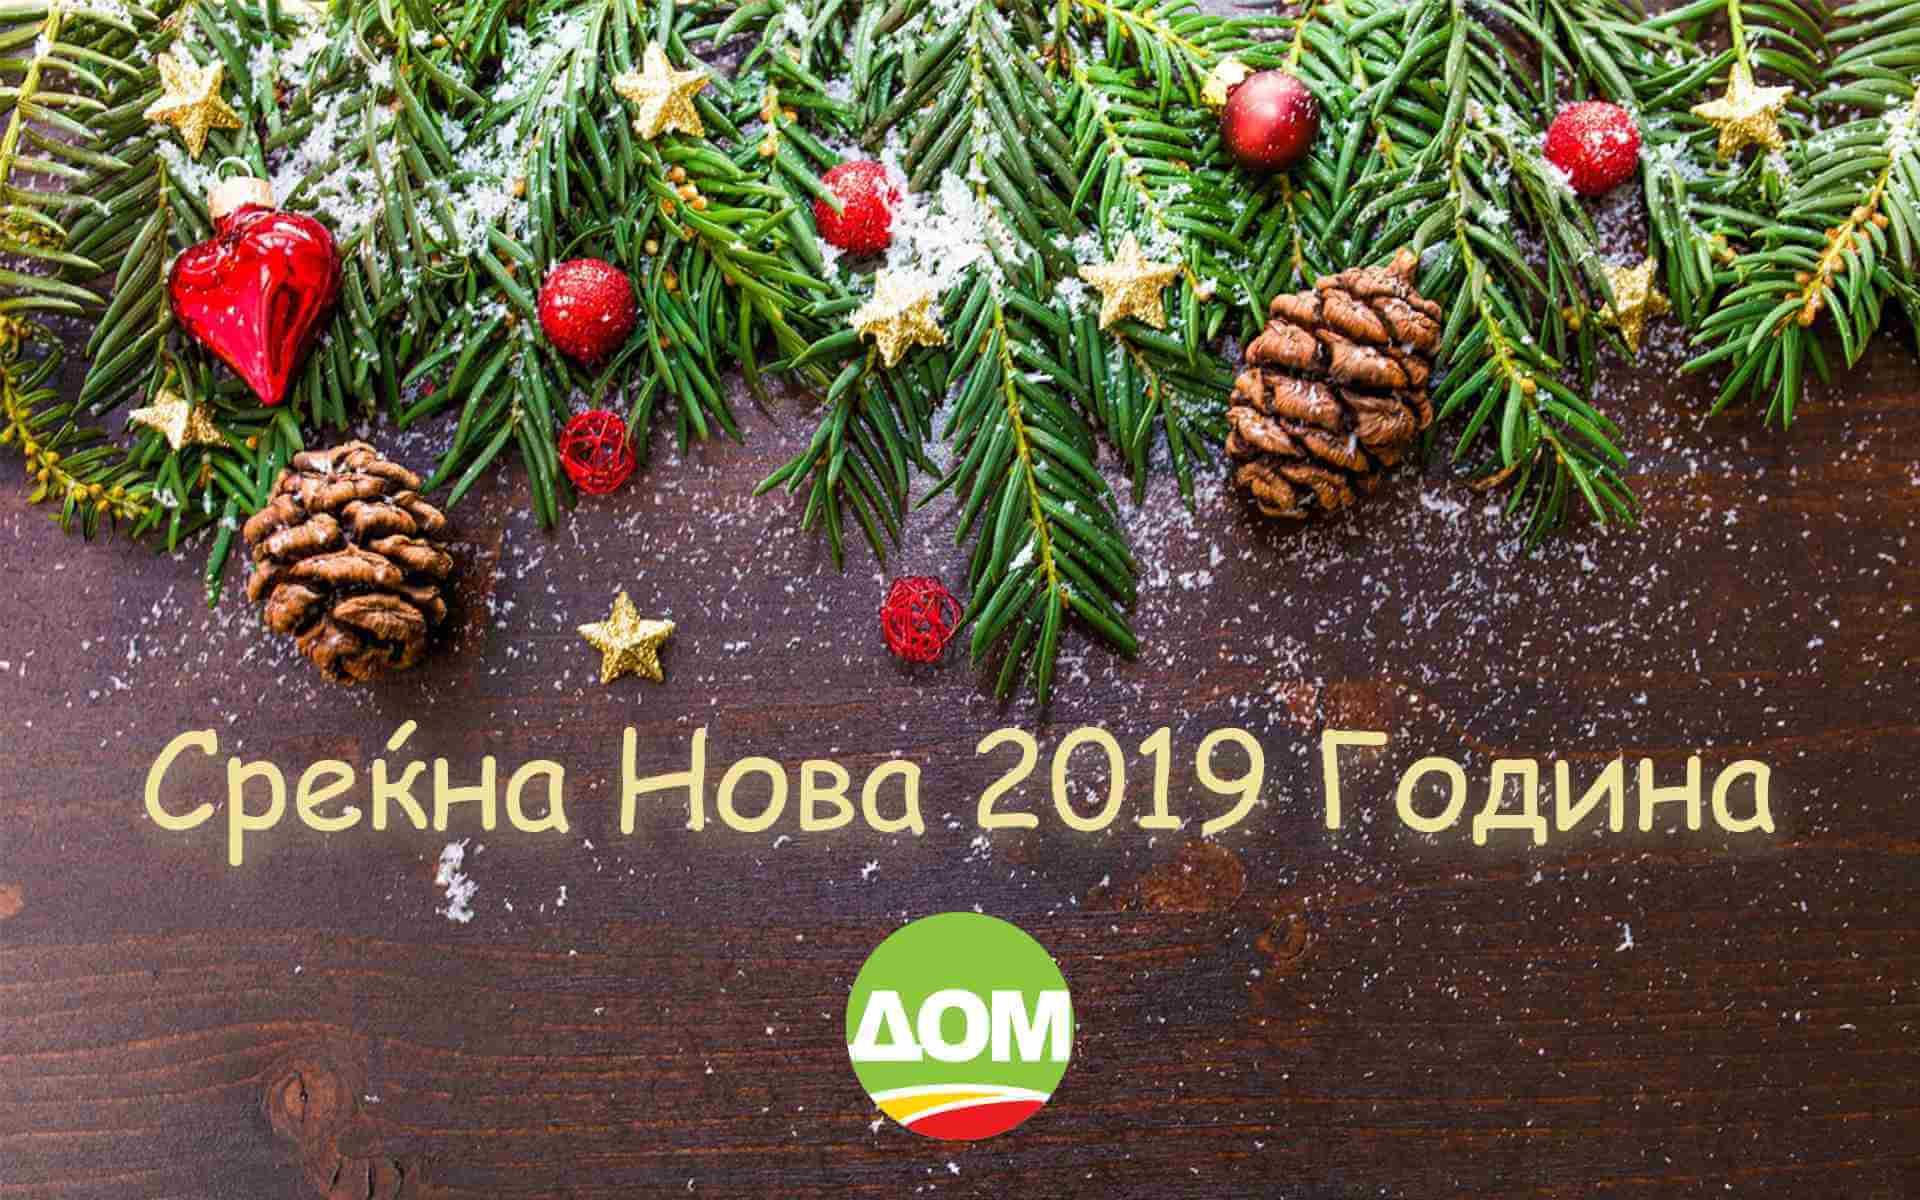 sreќna nova 2019 godina